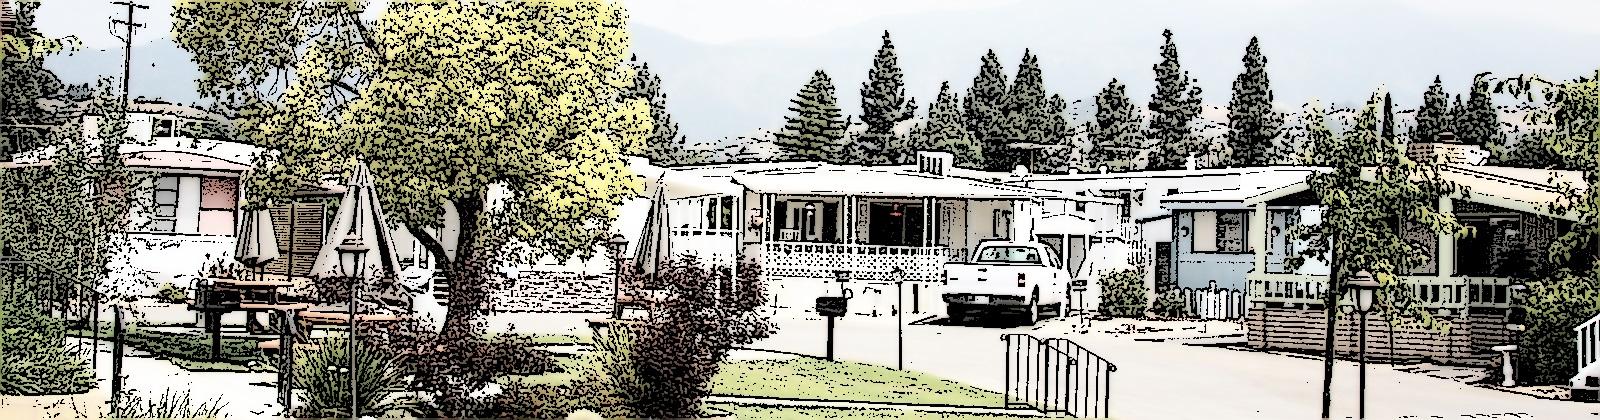 Foothill Village